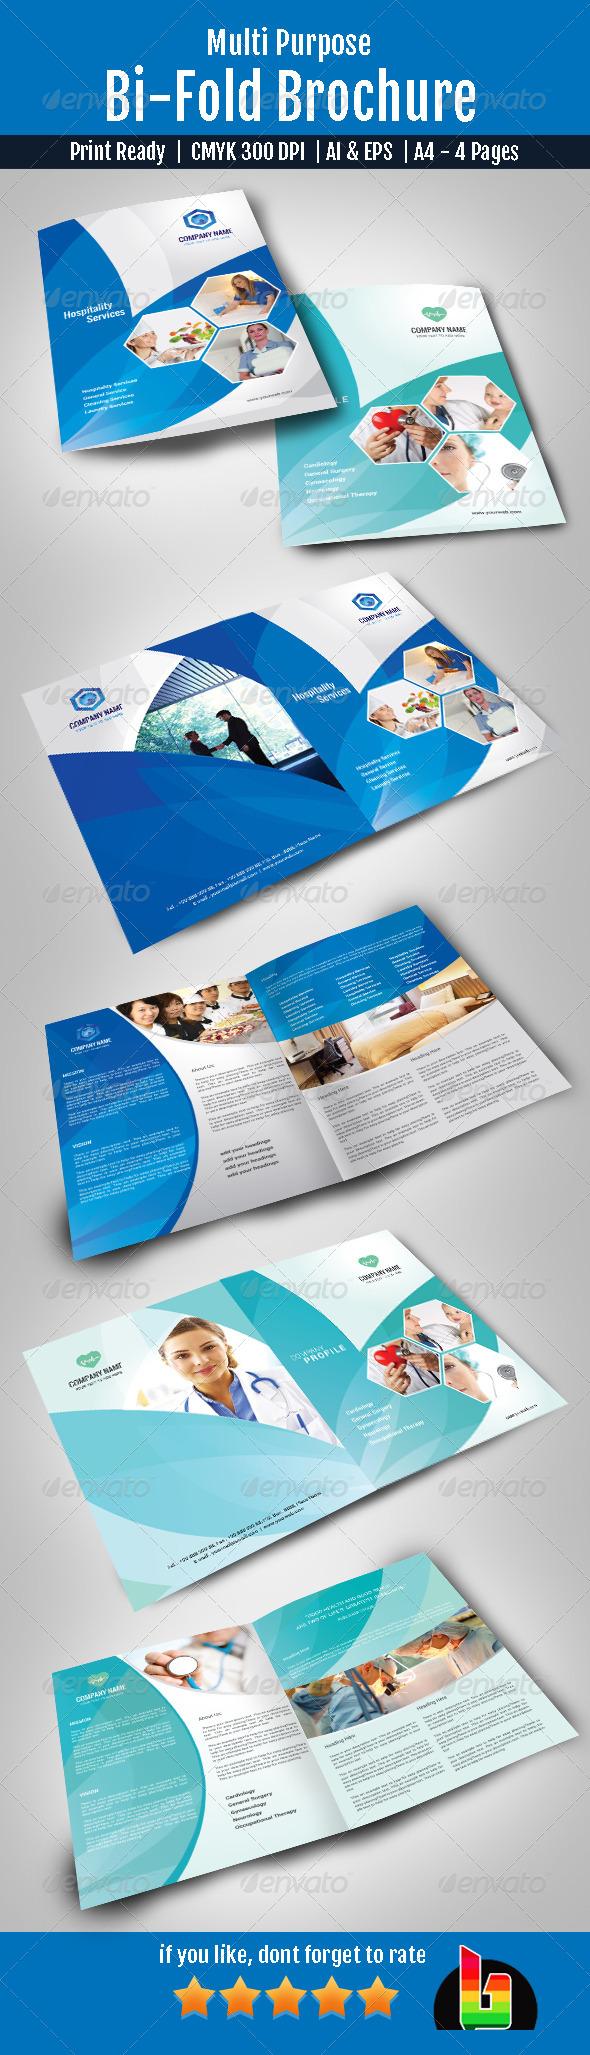 GraphicRiver Multi Purpose Bi-Fold Brochure 7163963